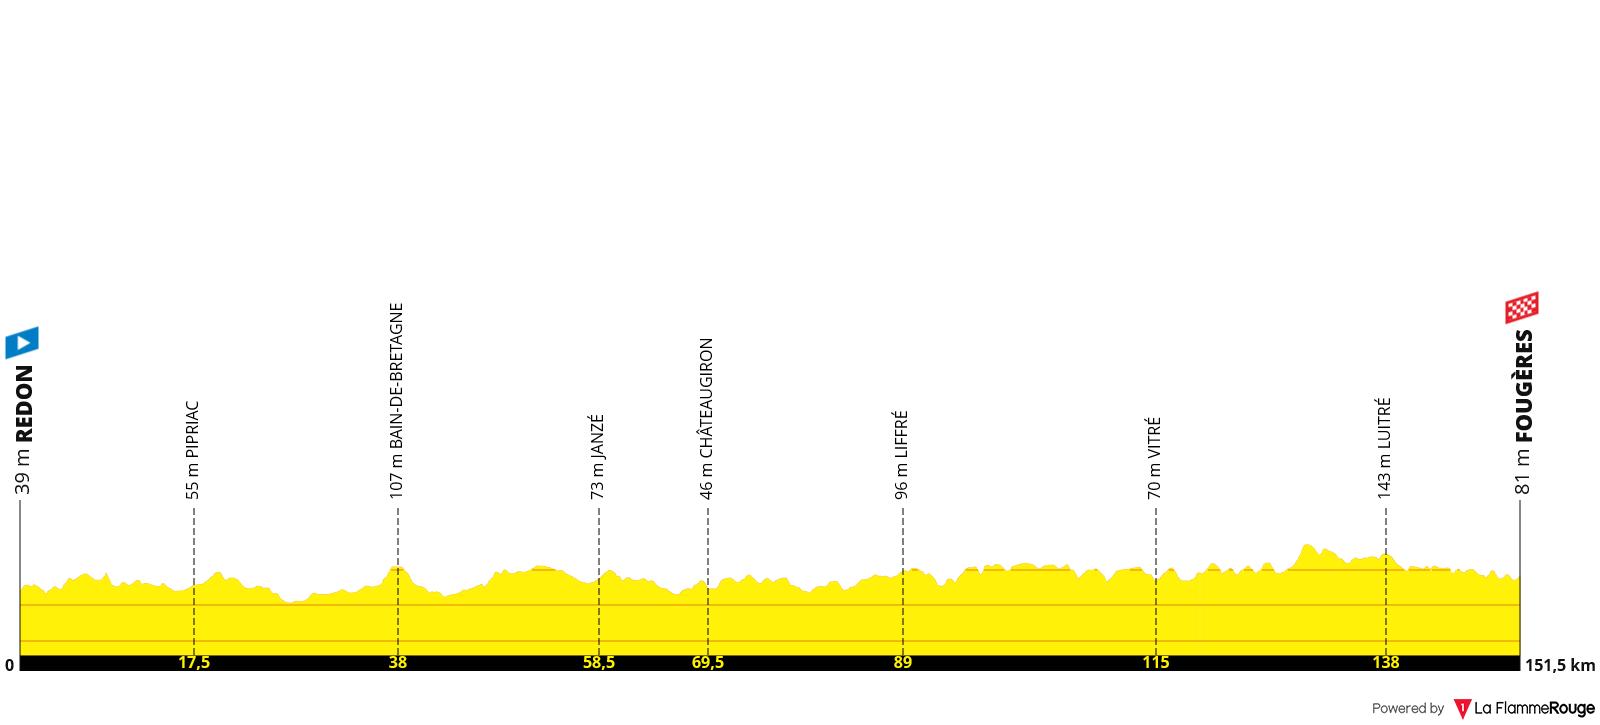 Etapa 04 - Tour de Francia 2021